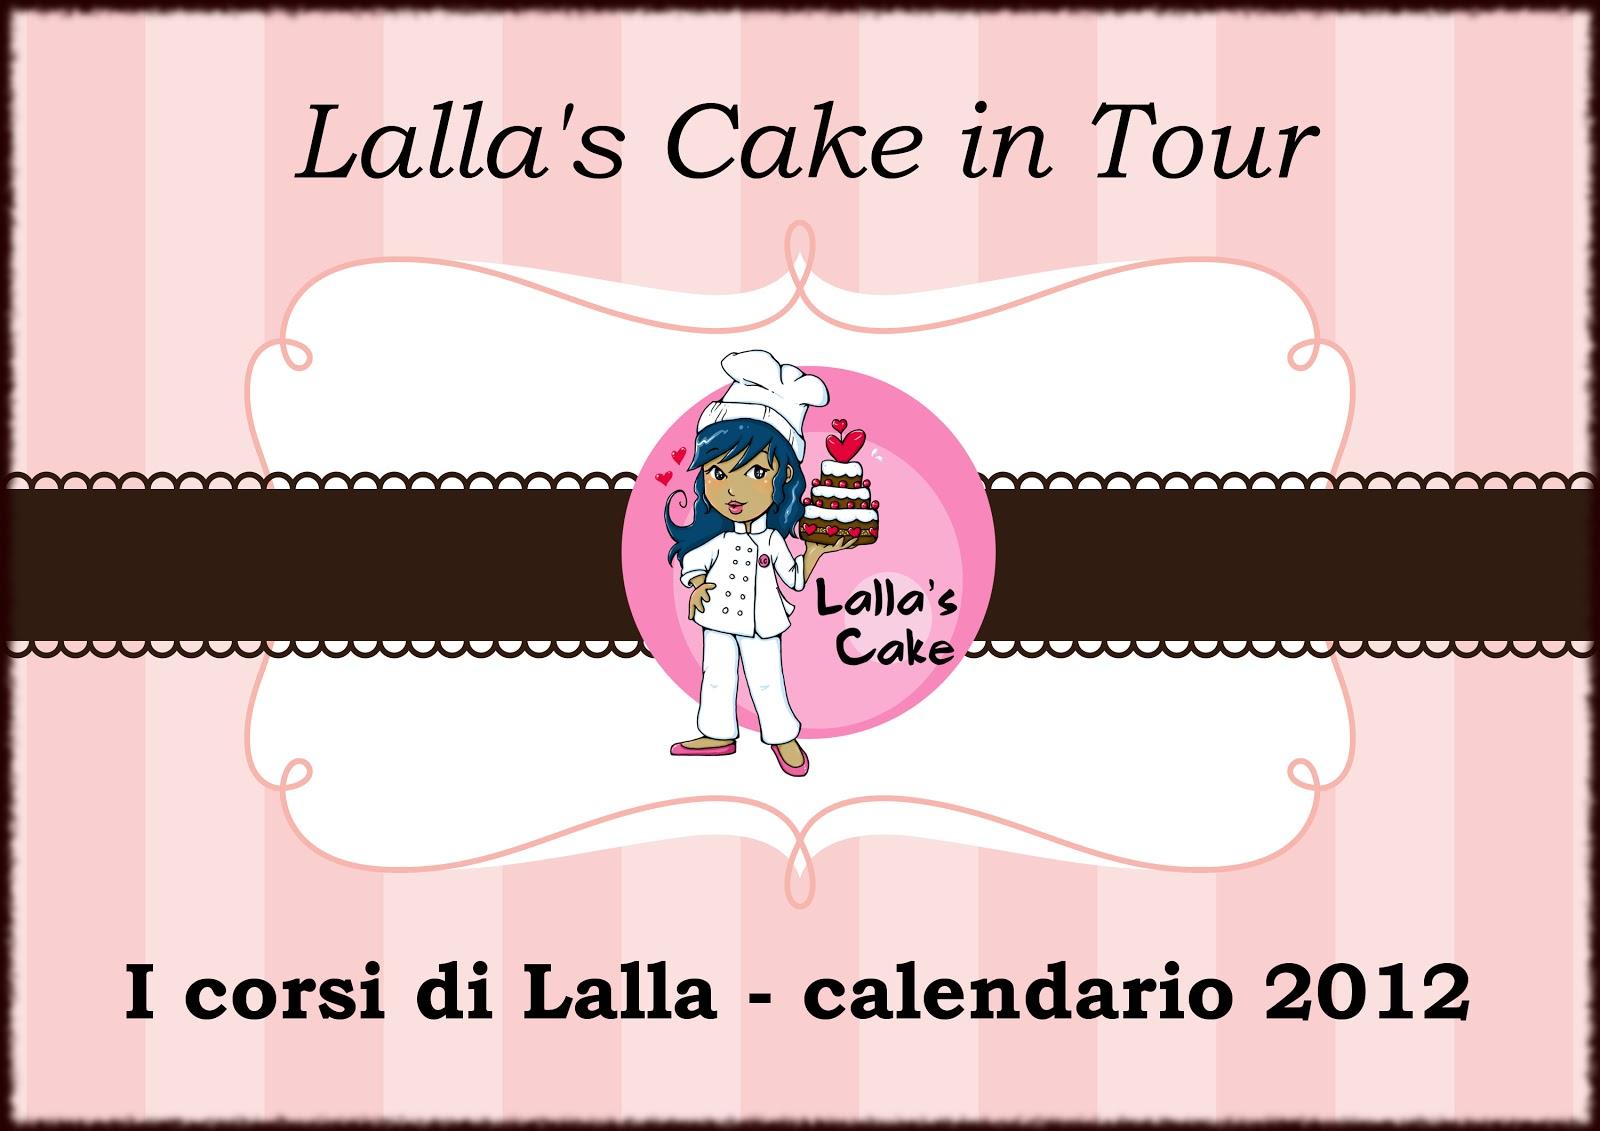 Corsi Per Cake Design Roma : LALLA S CAKE TOUR - corsi di Cake Design in tutta Italia ...